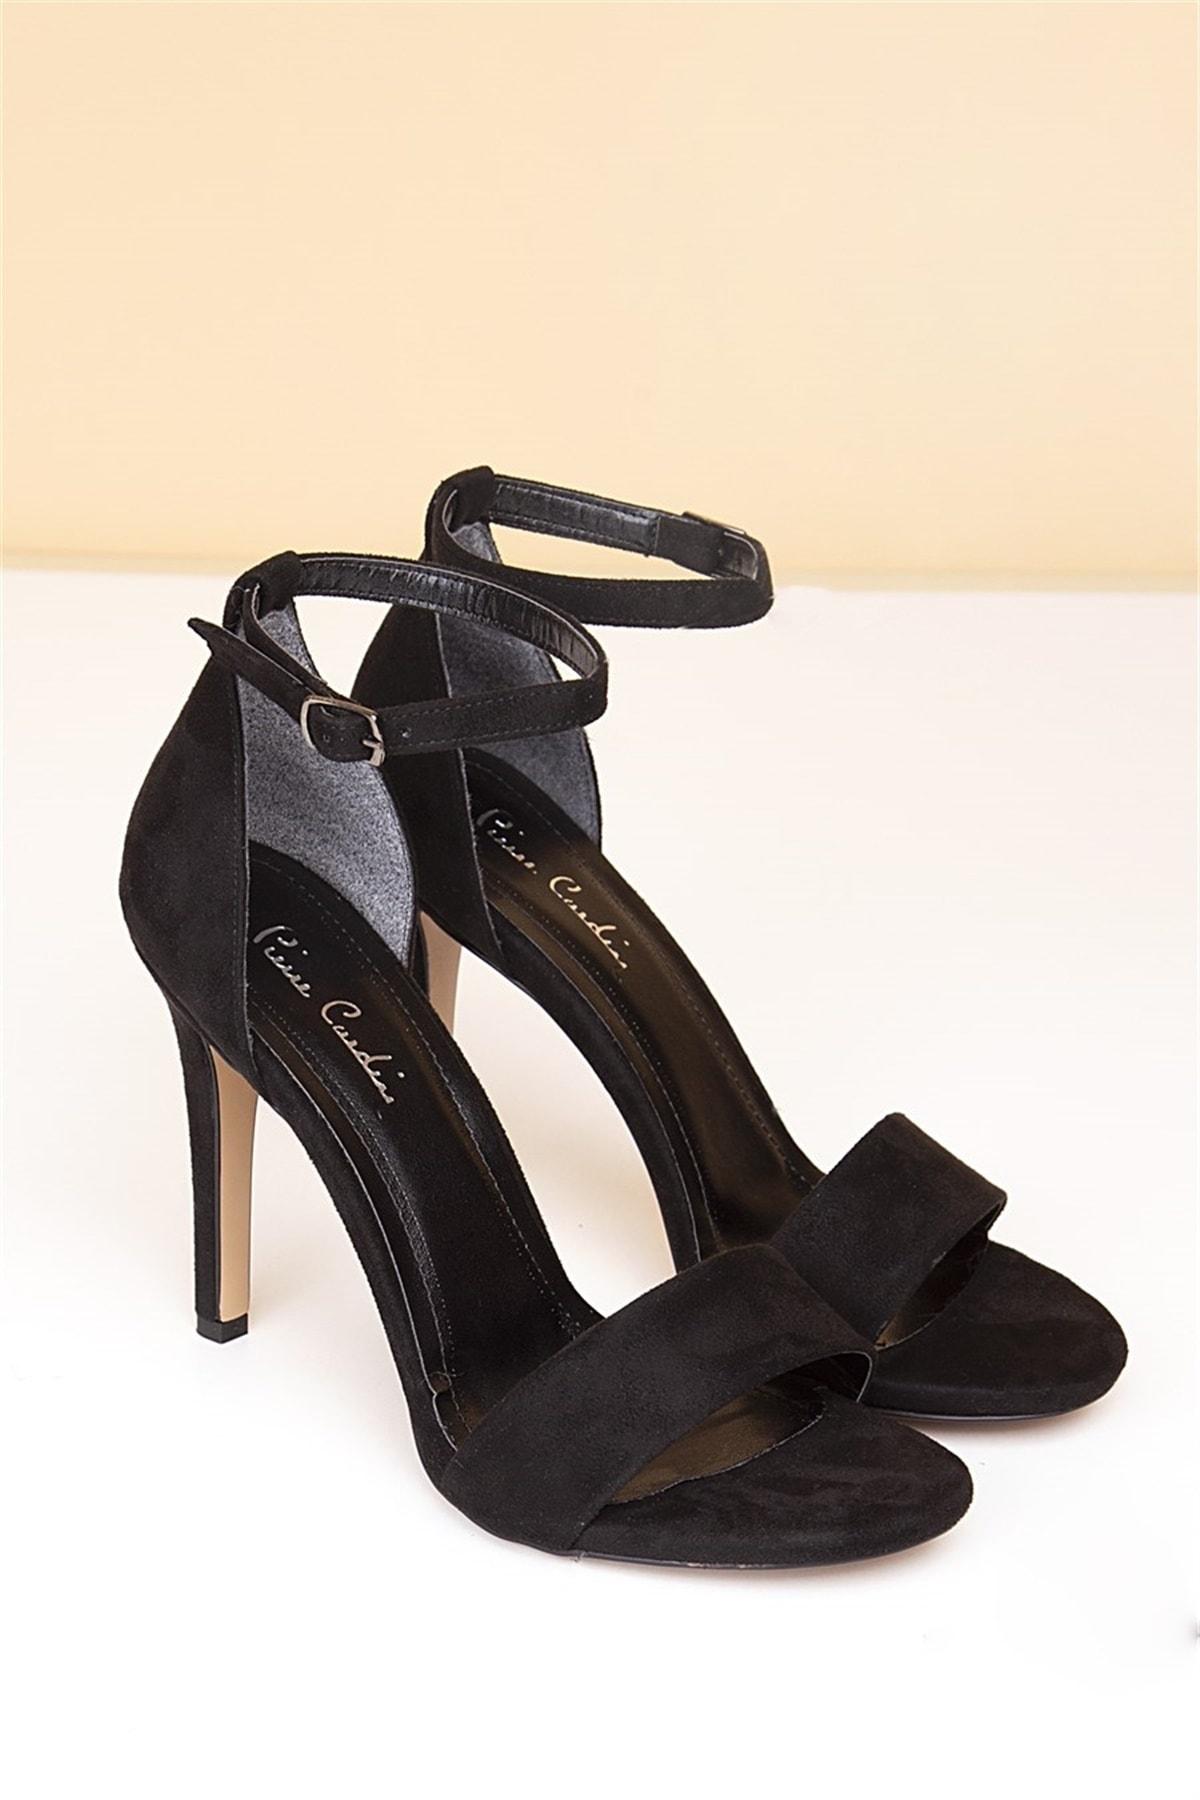 Pierre Cardin Kadın Topuklu Ayakkabı-Süet Siyah